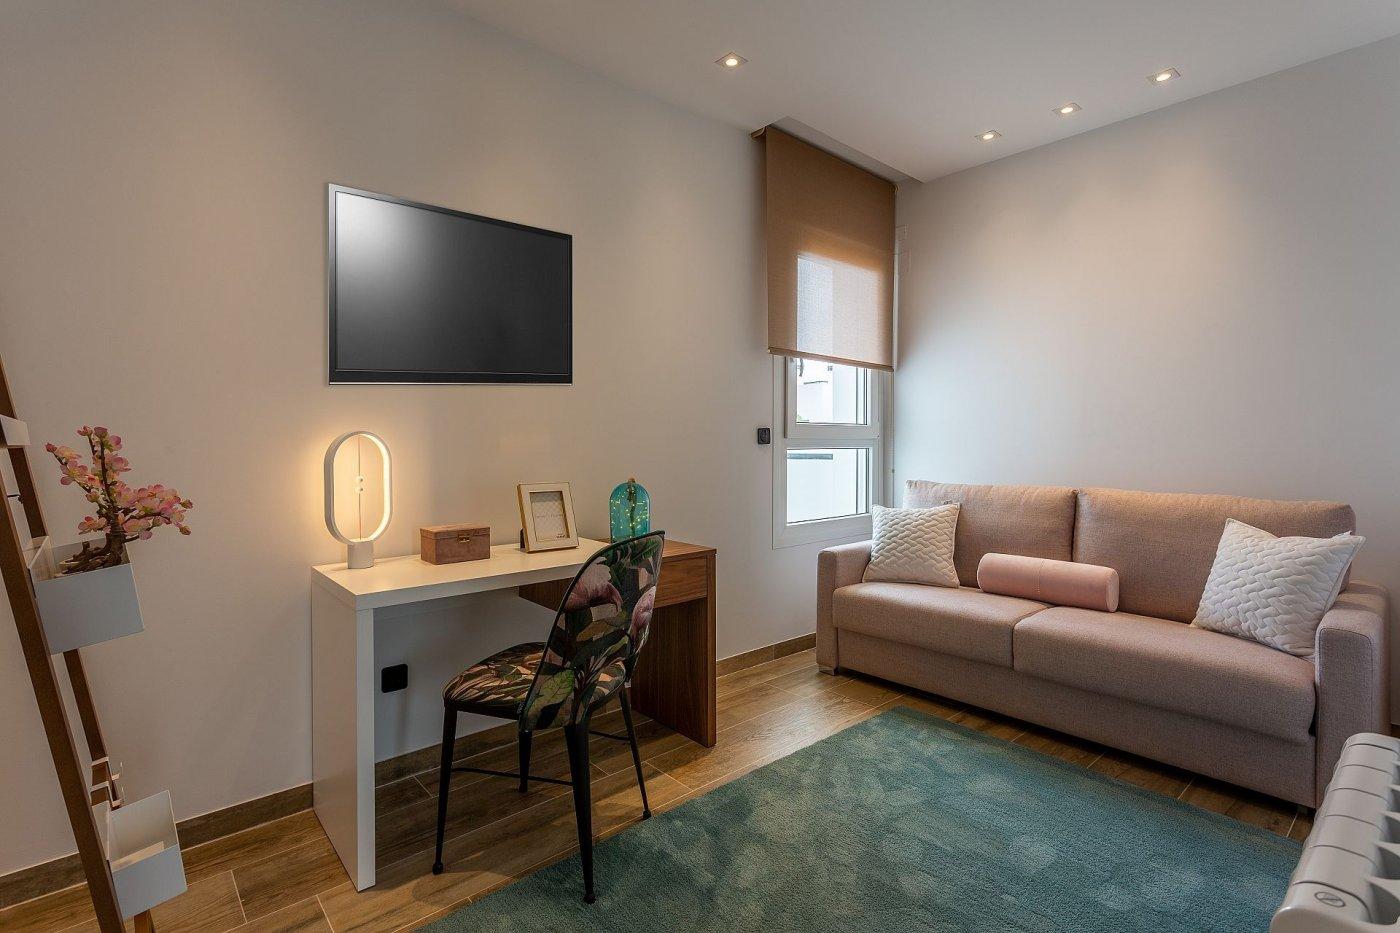 Complejo residencial de obra nueva en punta prima - imagenInmueble8